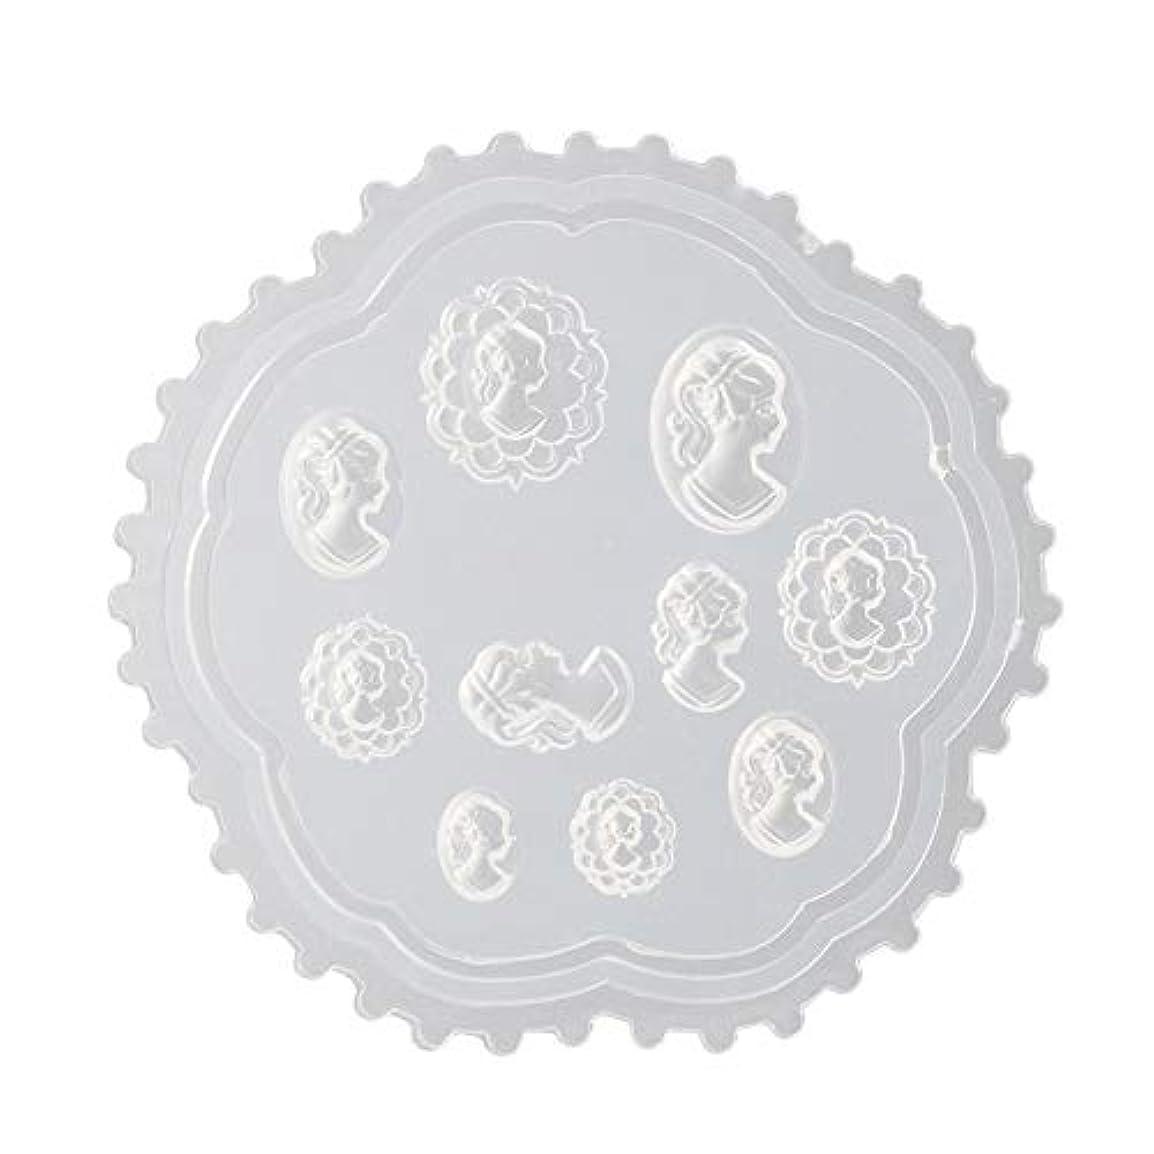 石炭彼らのエスカレートLindexs 3Dシリコンモールド ネイル 葉 花 抜き型 3Dネイル用 レジンモールド UVレジン ネイルパーツ ジェル ネイル セット アクセサリー パーツ 作成 (2#)